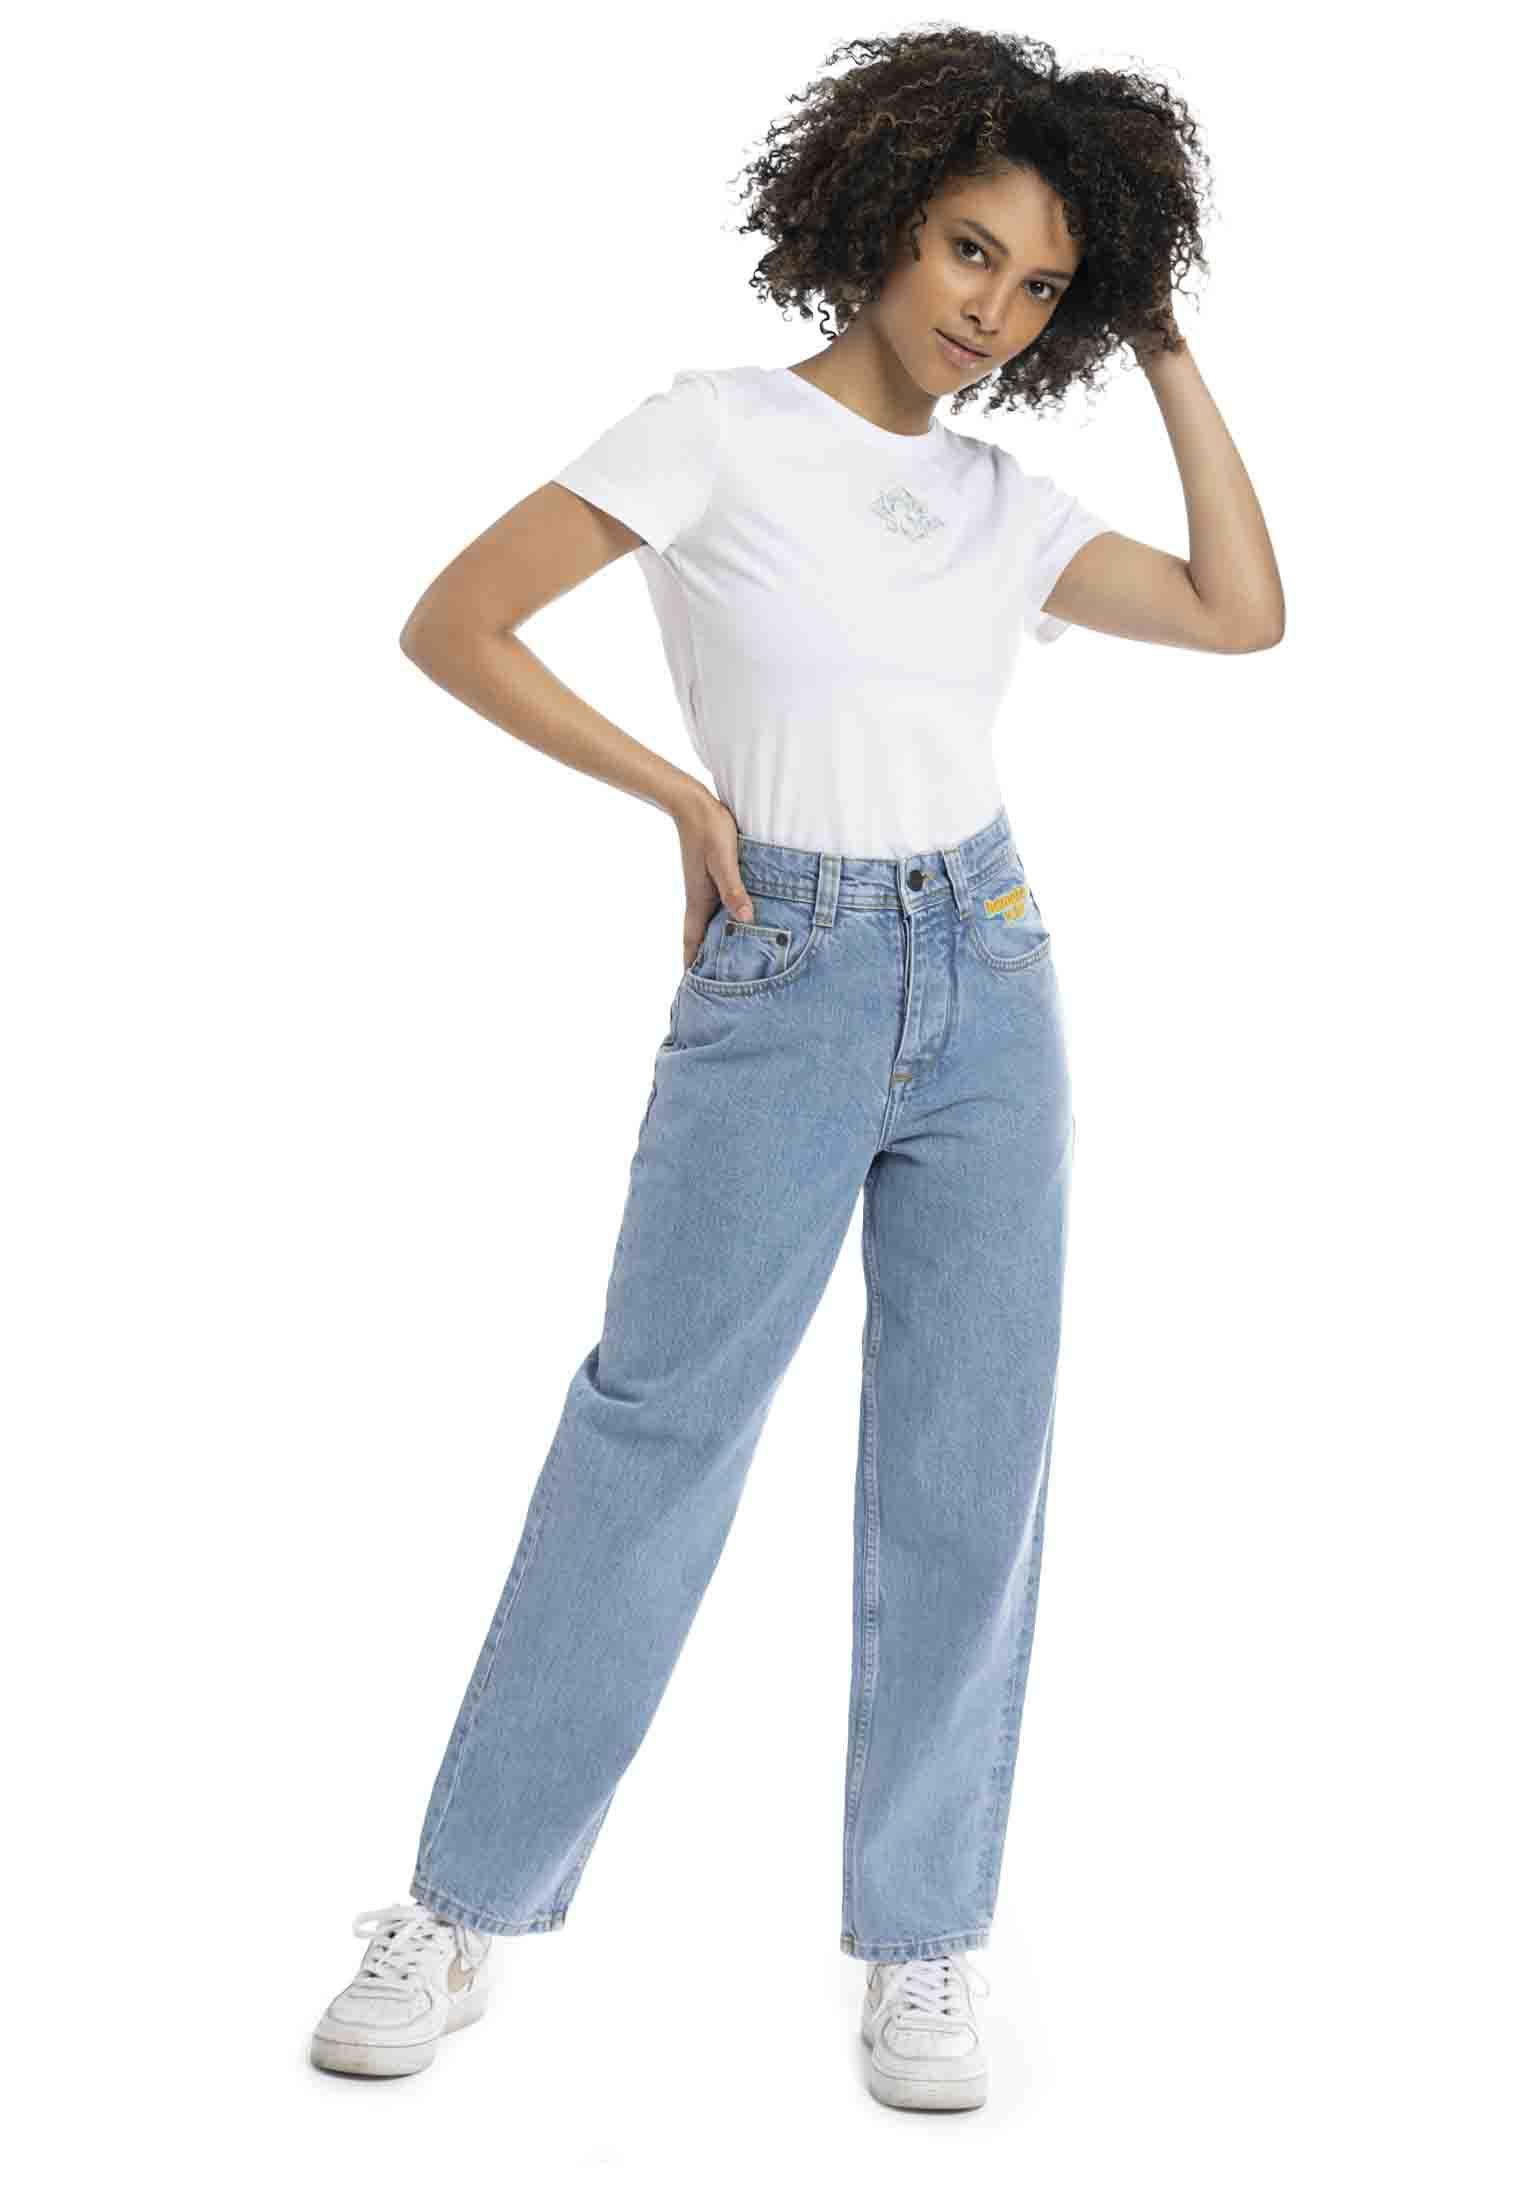 Homeboy S/S 2022 Women's Streetwear